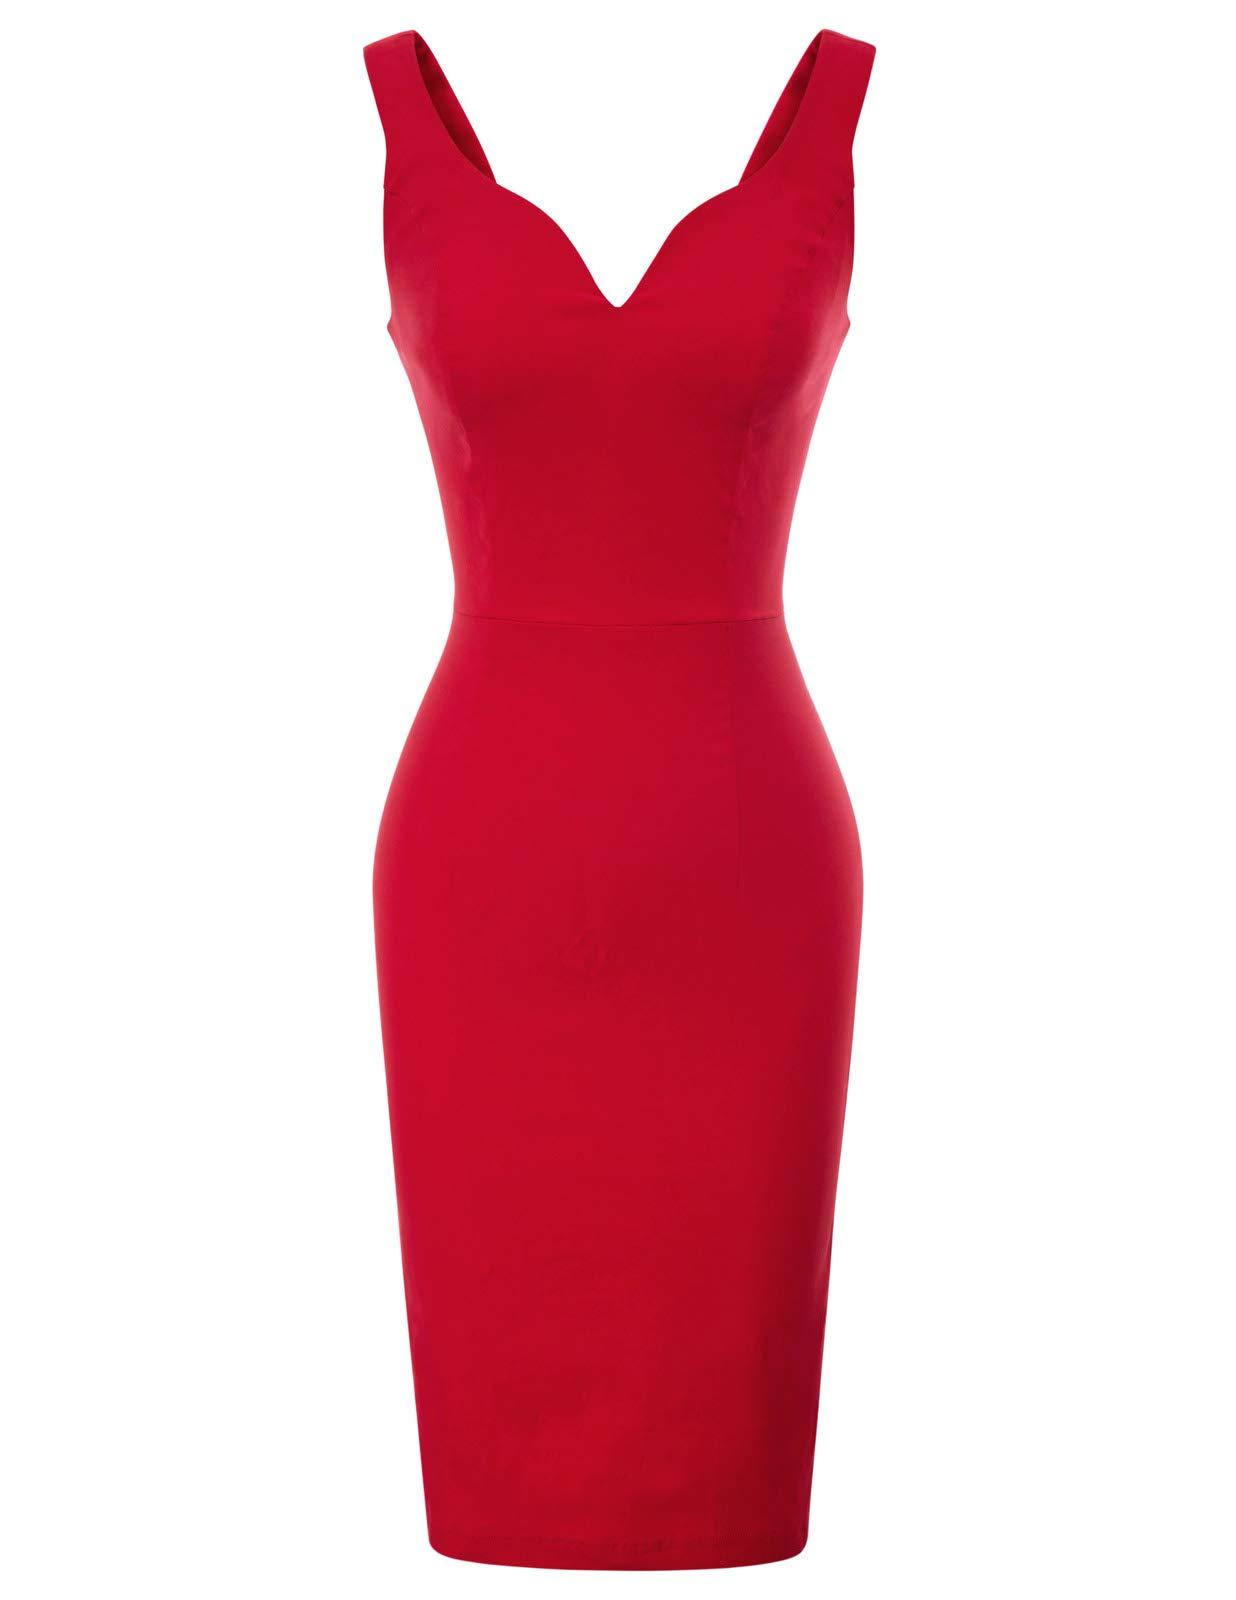 Red Dress - Boatneck Sleeveless Vintage Tea Dress With Belt